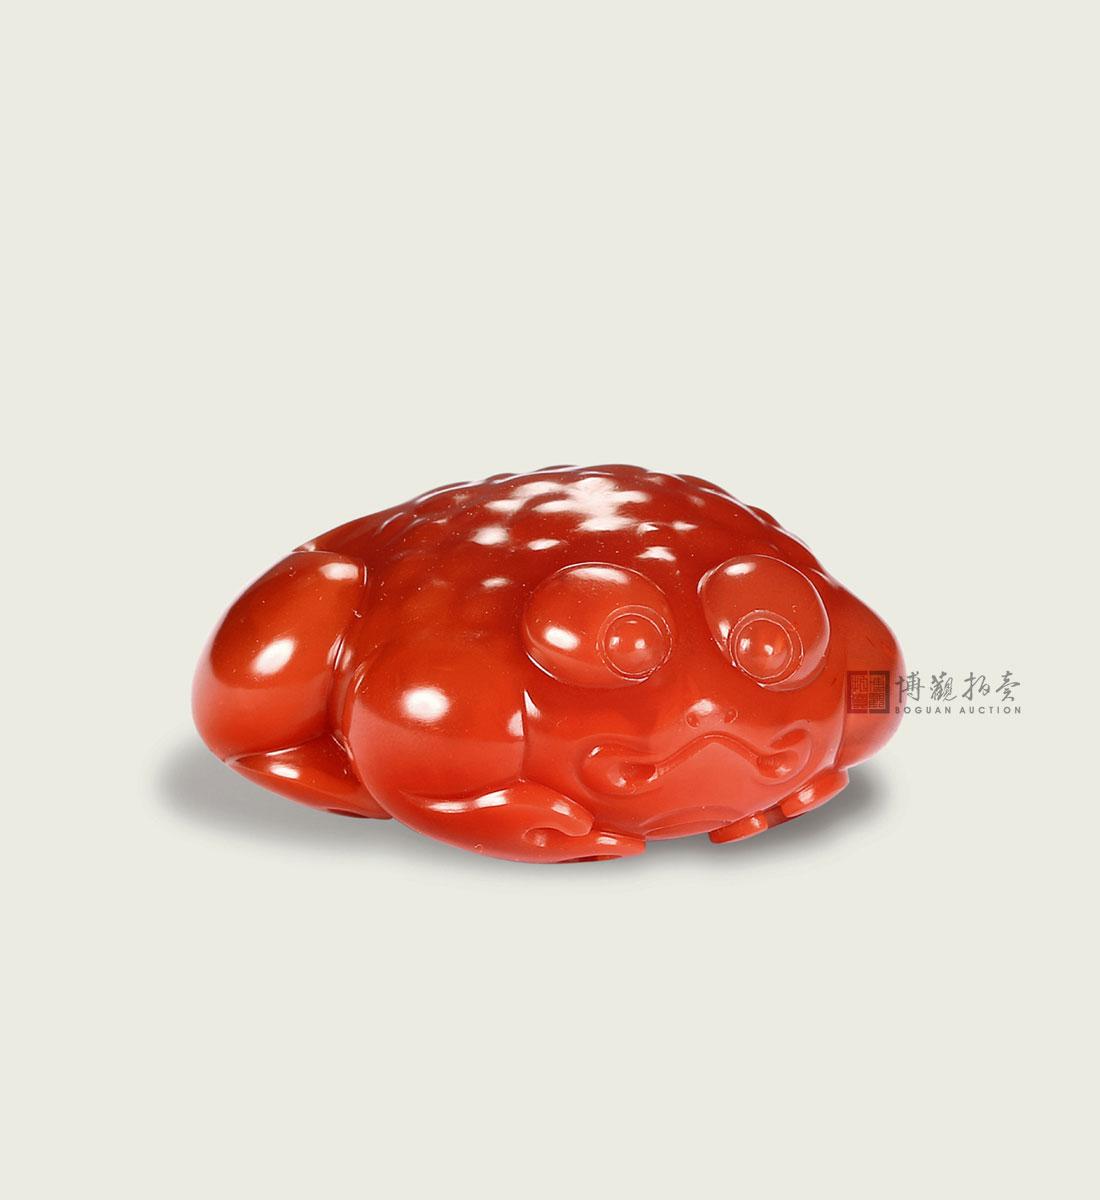 艺术珍宝- 南红雕刻    3 - h_x_y_123456 - 何晓昱的艺术博客